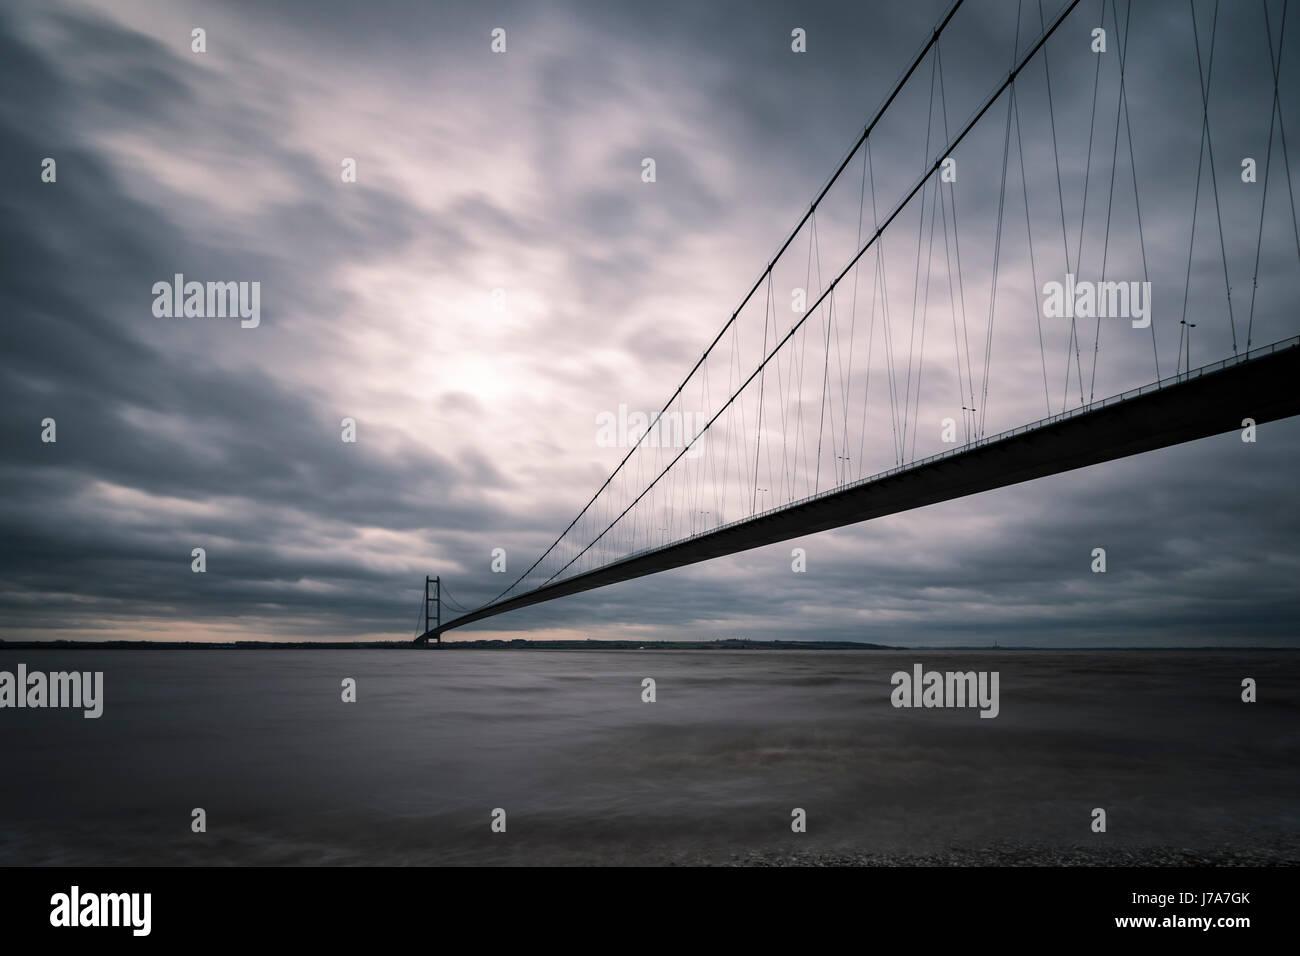 Humber Bridge, Singolo Span Suspension Bridge, vicino a Kingston upon Hull, Inghilterra, Regno Unito. Immagini Stock